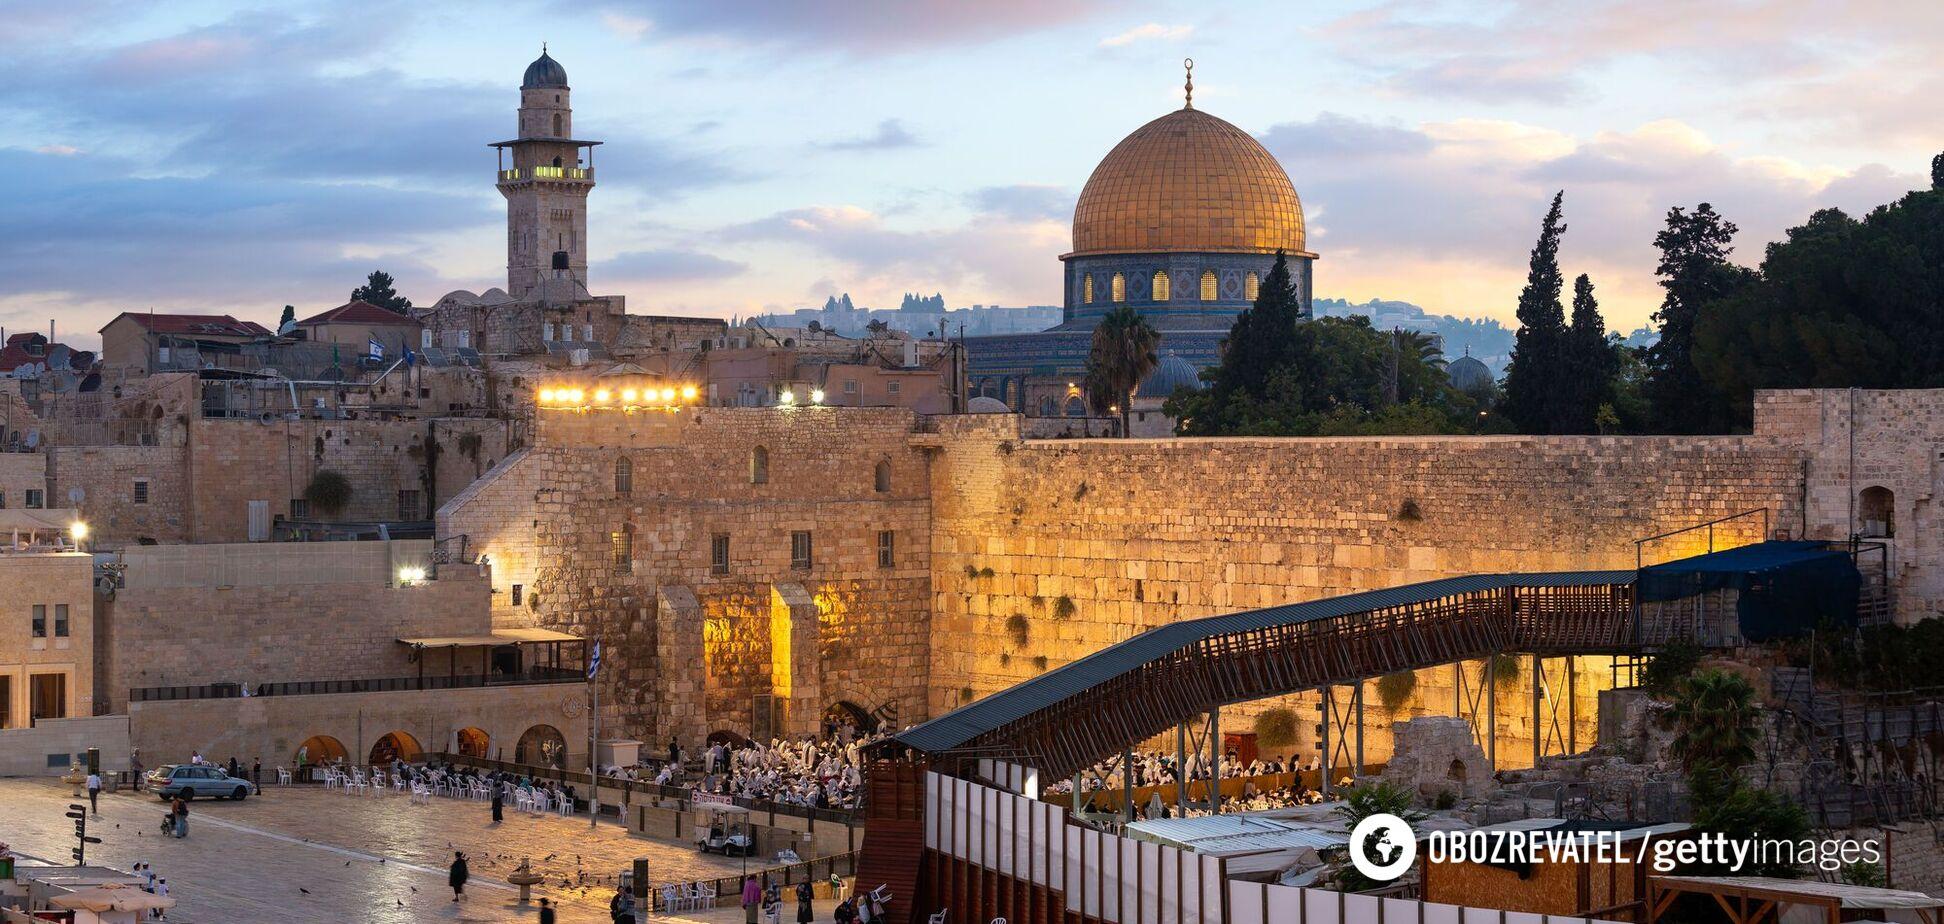 Израиль выстоит! Молимся, чтобы и у нас был 'Железный купол' и на каждую ракету десять противоракет